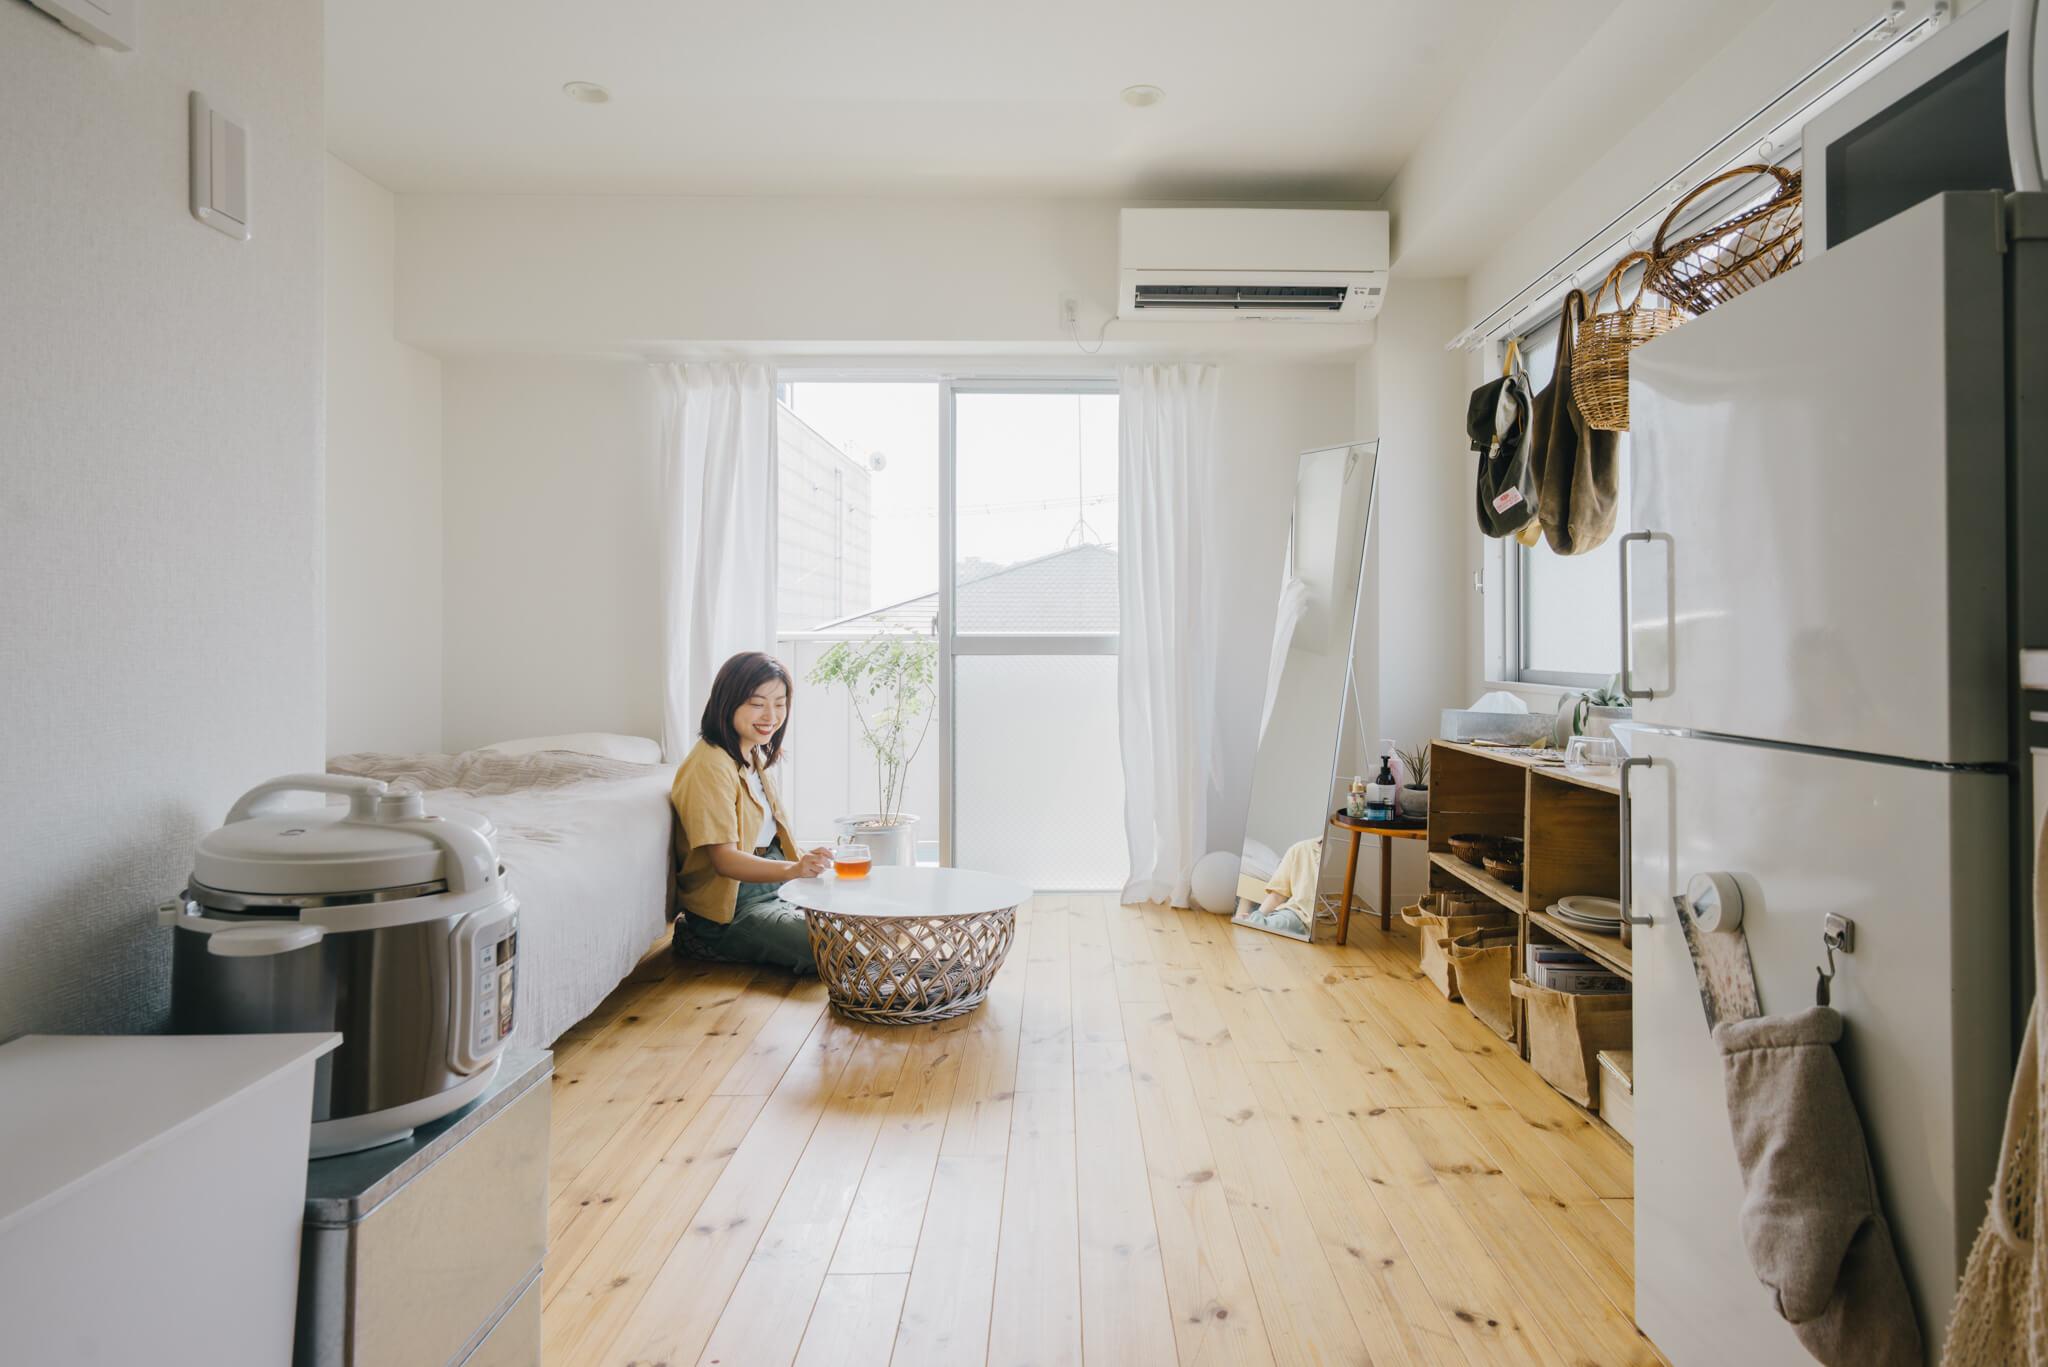 リノベーションされたお部屋、床は明るいパイン材。キッチンや壁、建具も白く、ナチュラルな雰囲気です